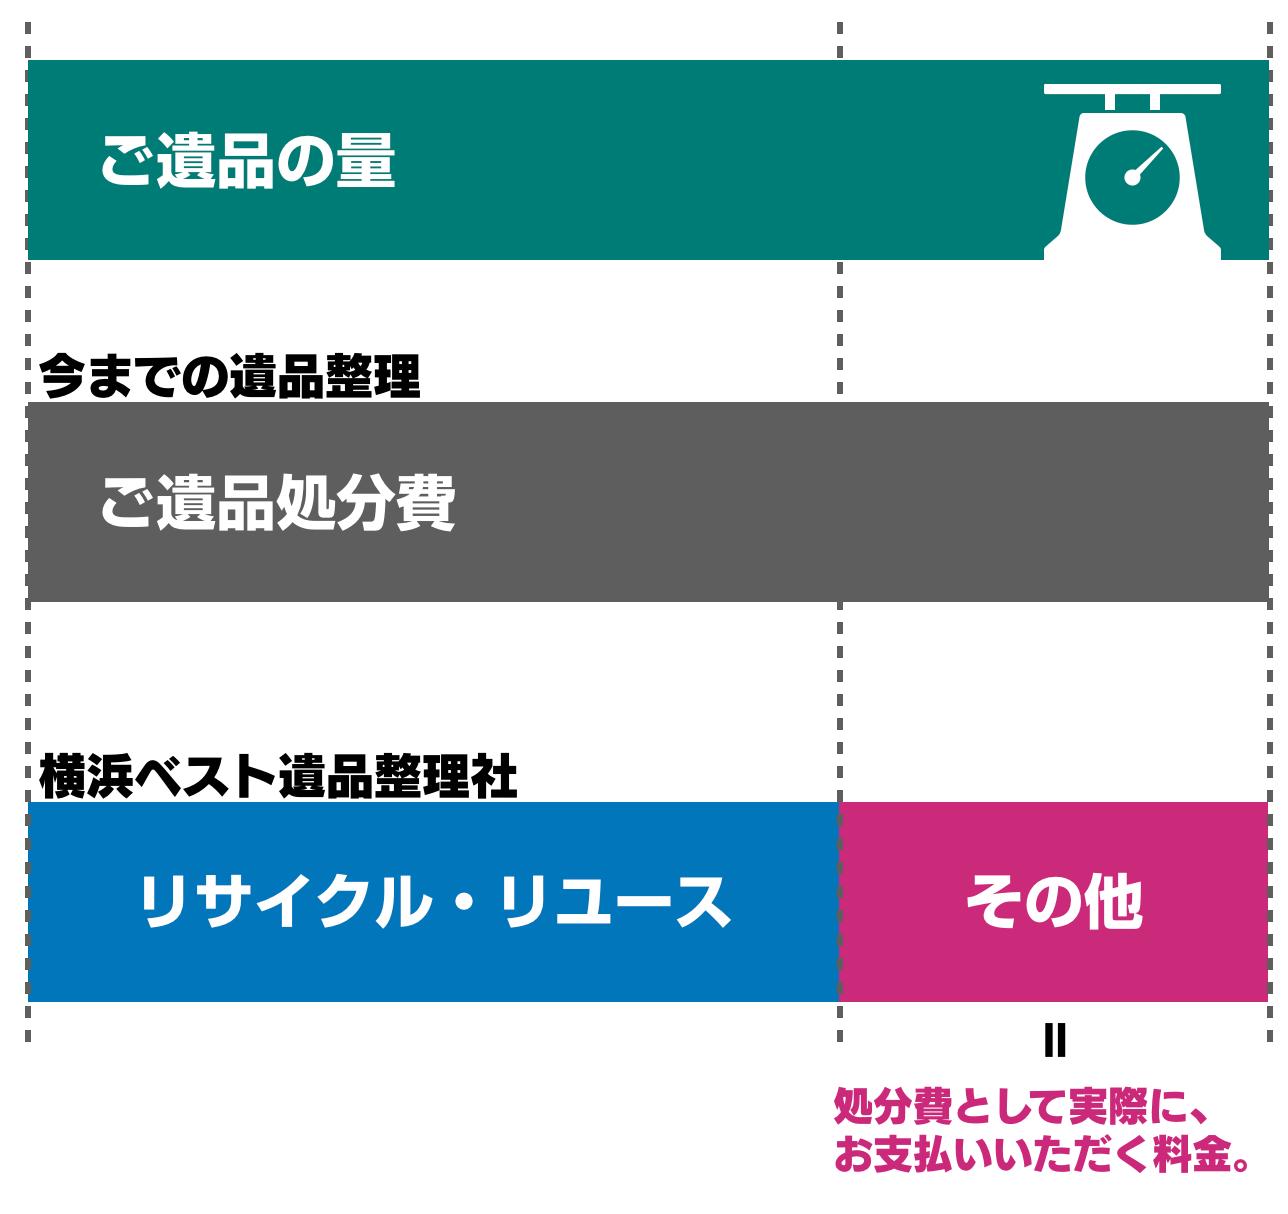 横浜ベスト遺品整理社のリサイクル・リユースの図